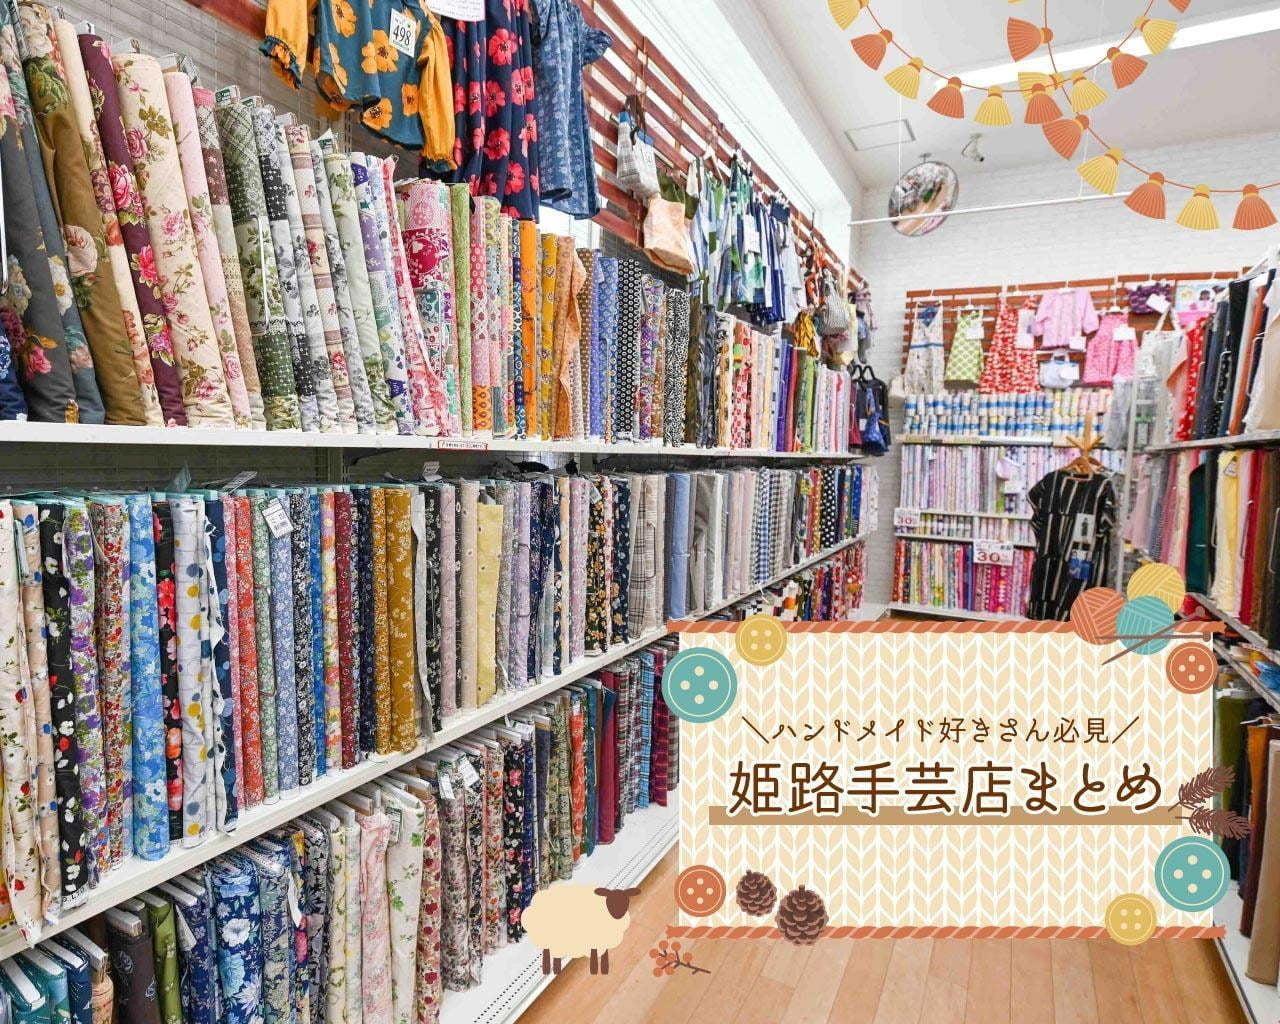 【姫路】おしゃれな毛糸や生地が見つかる手芸店4選 人気のキット&手作り教室情報も